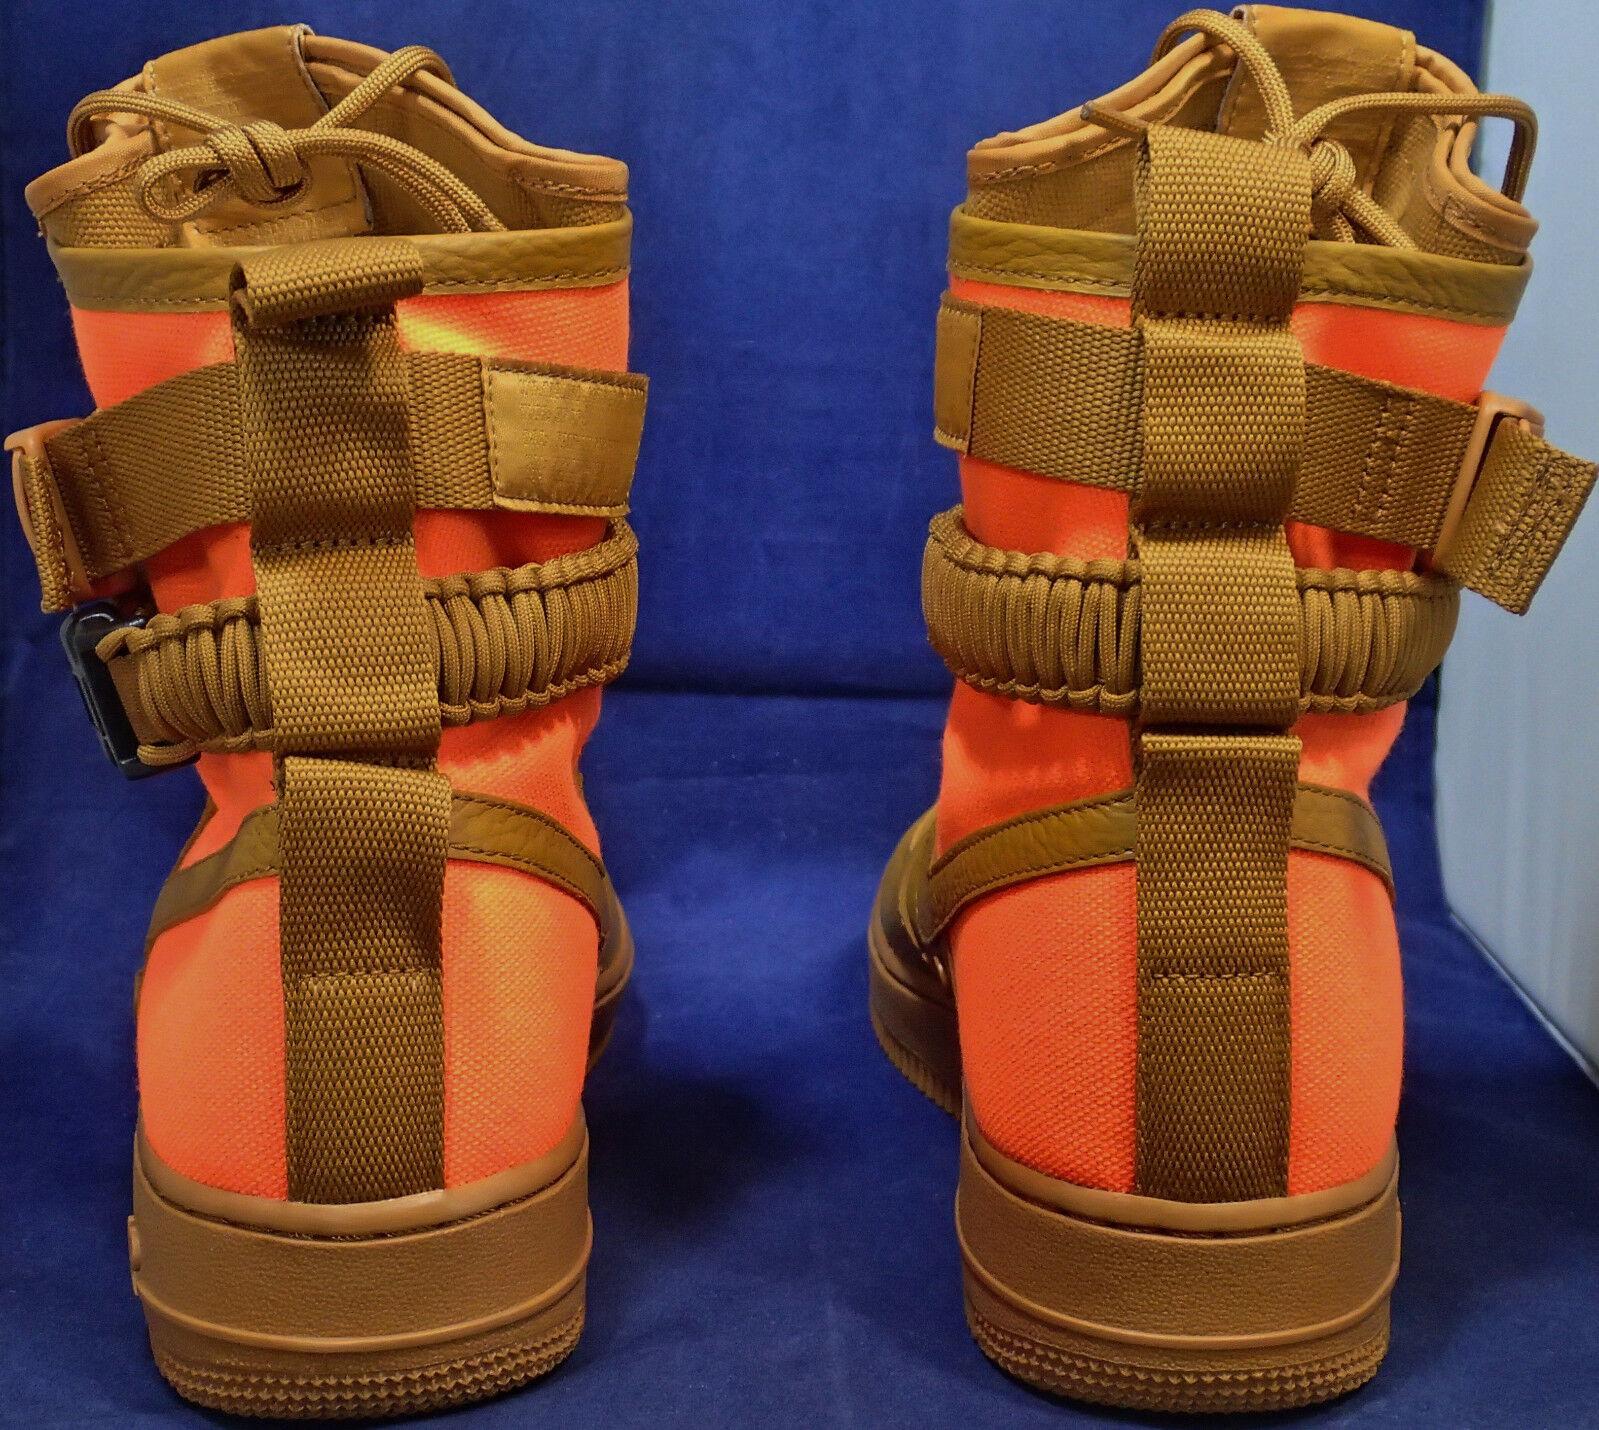 Nike SF Air Force 1 QS Desert Ochre marrone Orange ) AF1 SZ 8.5 ( 903270-778 ) Orange b68203